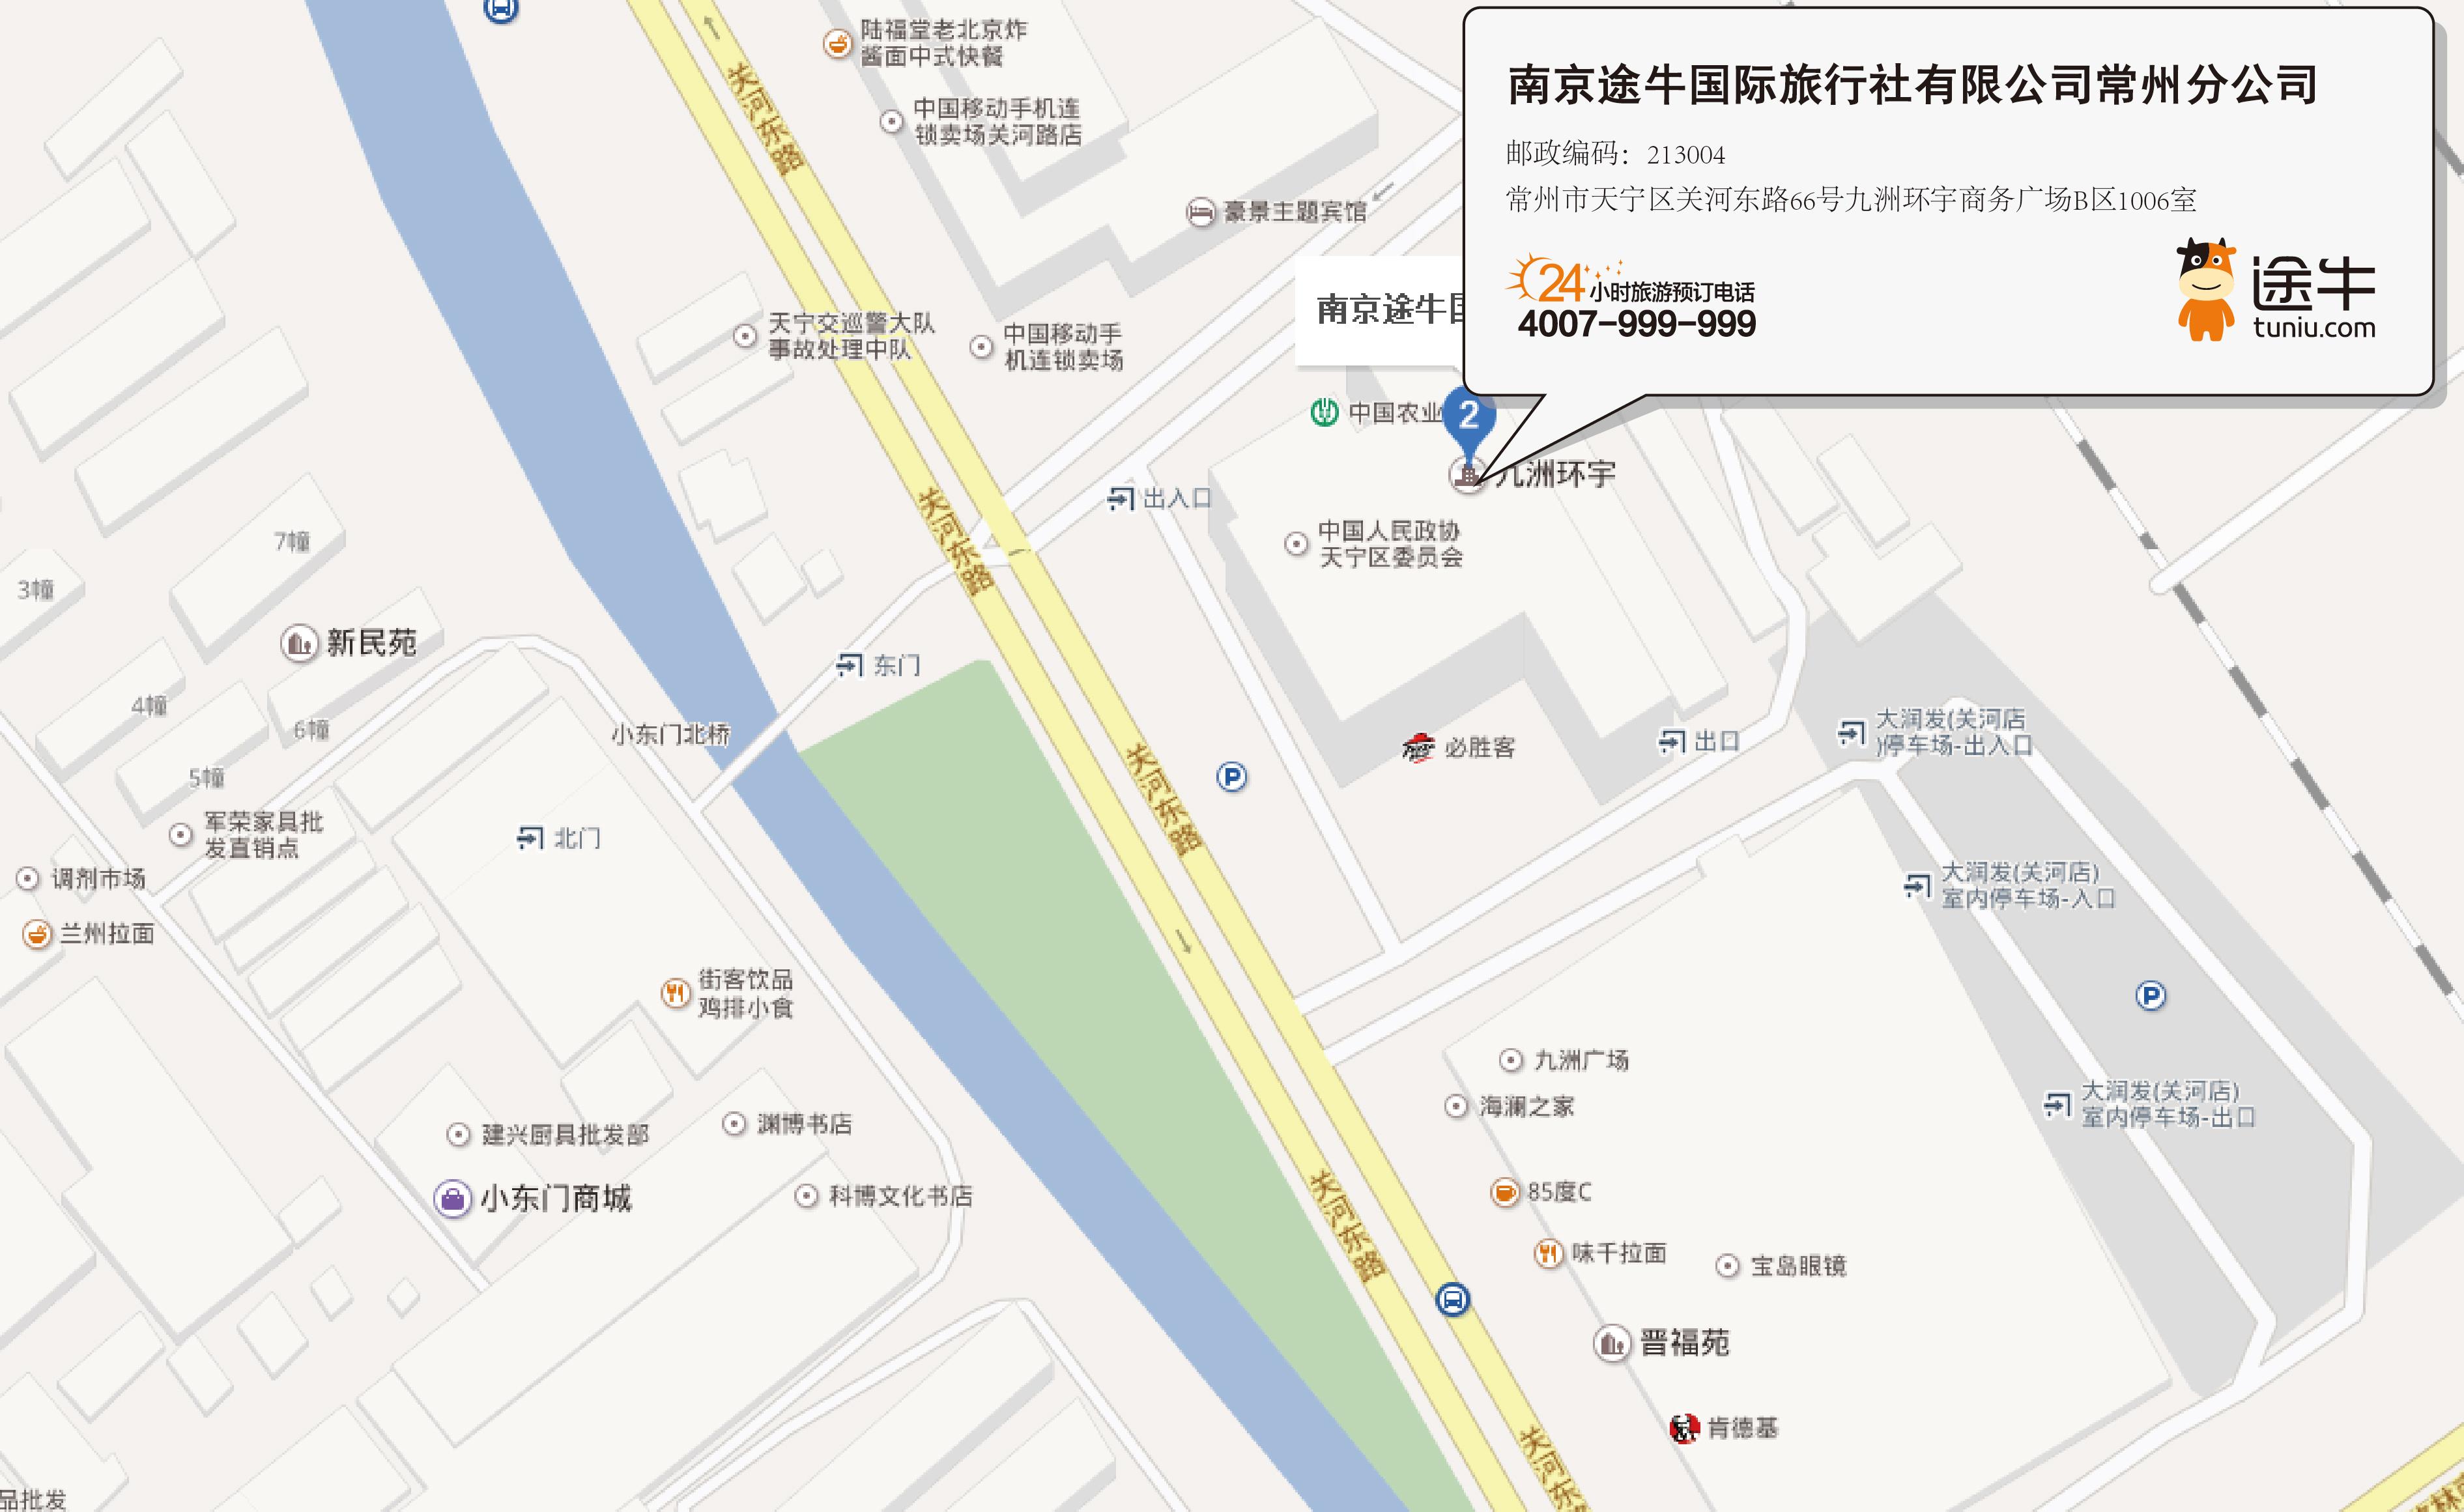 南京途牛国际旅行社有限公司常州分公司地图